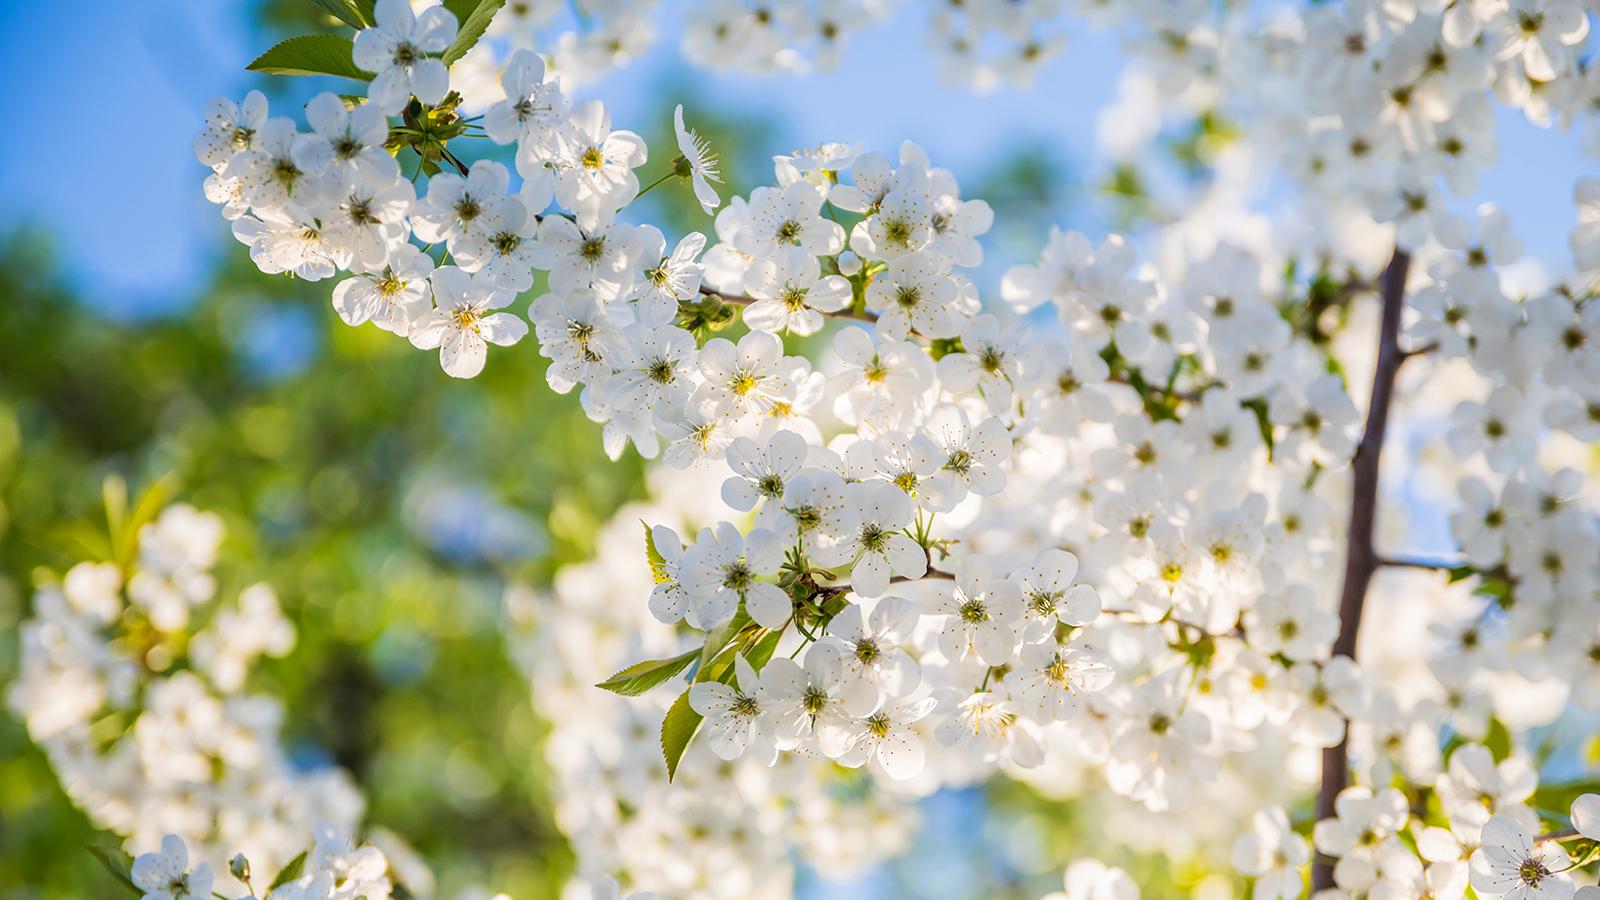 flores - A árvore